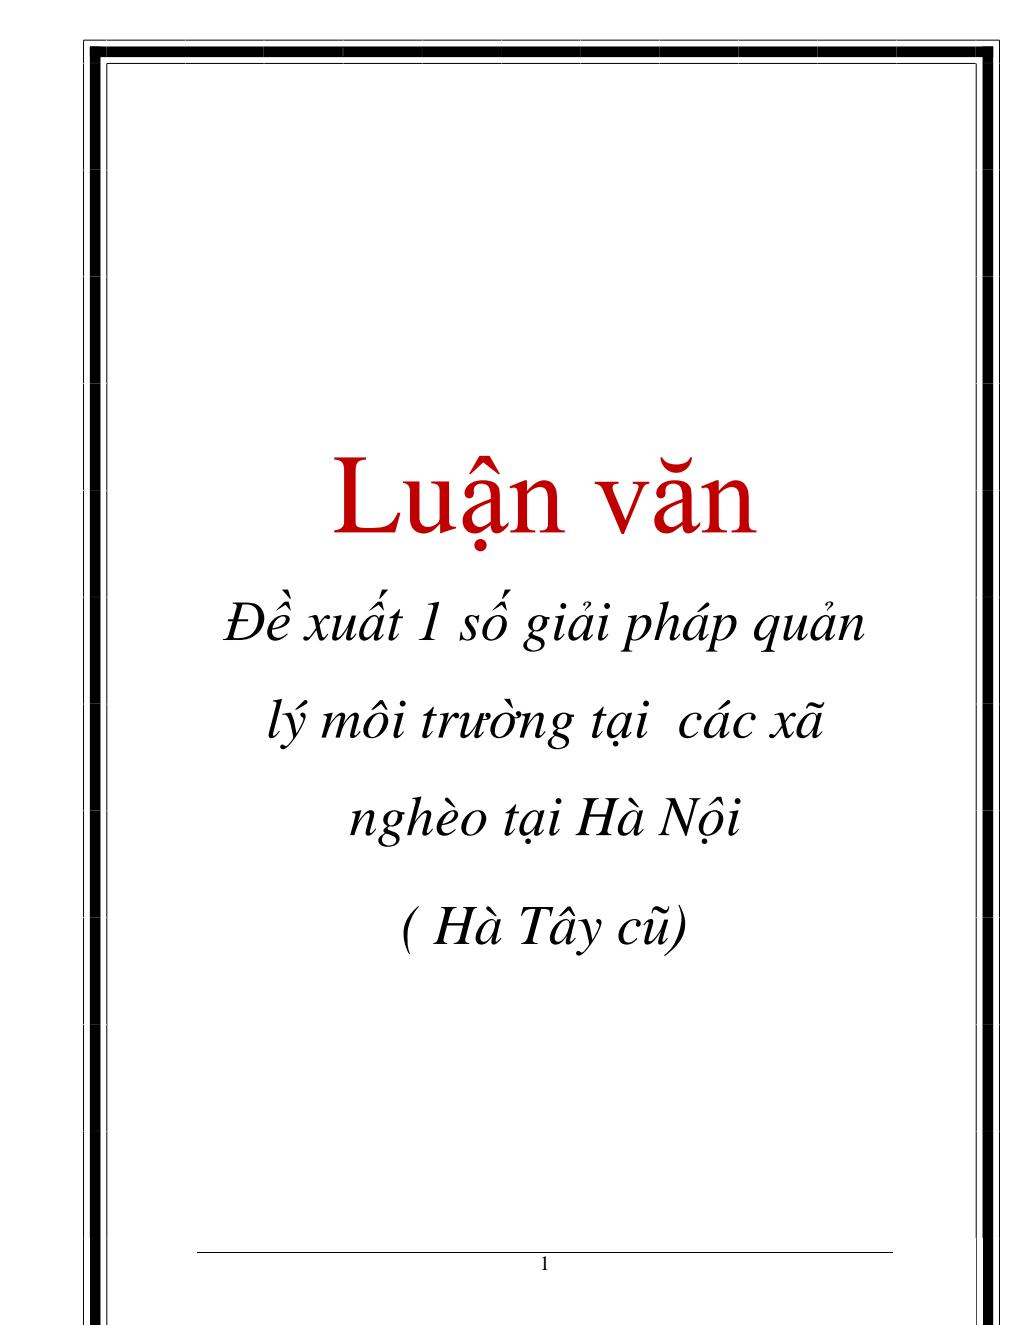 Luận văn: Đề xuất 1 số giải pháp quản lý môi trường tại các xã nghèo tại Hà Nội ( Hà Tây cũ)